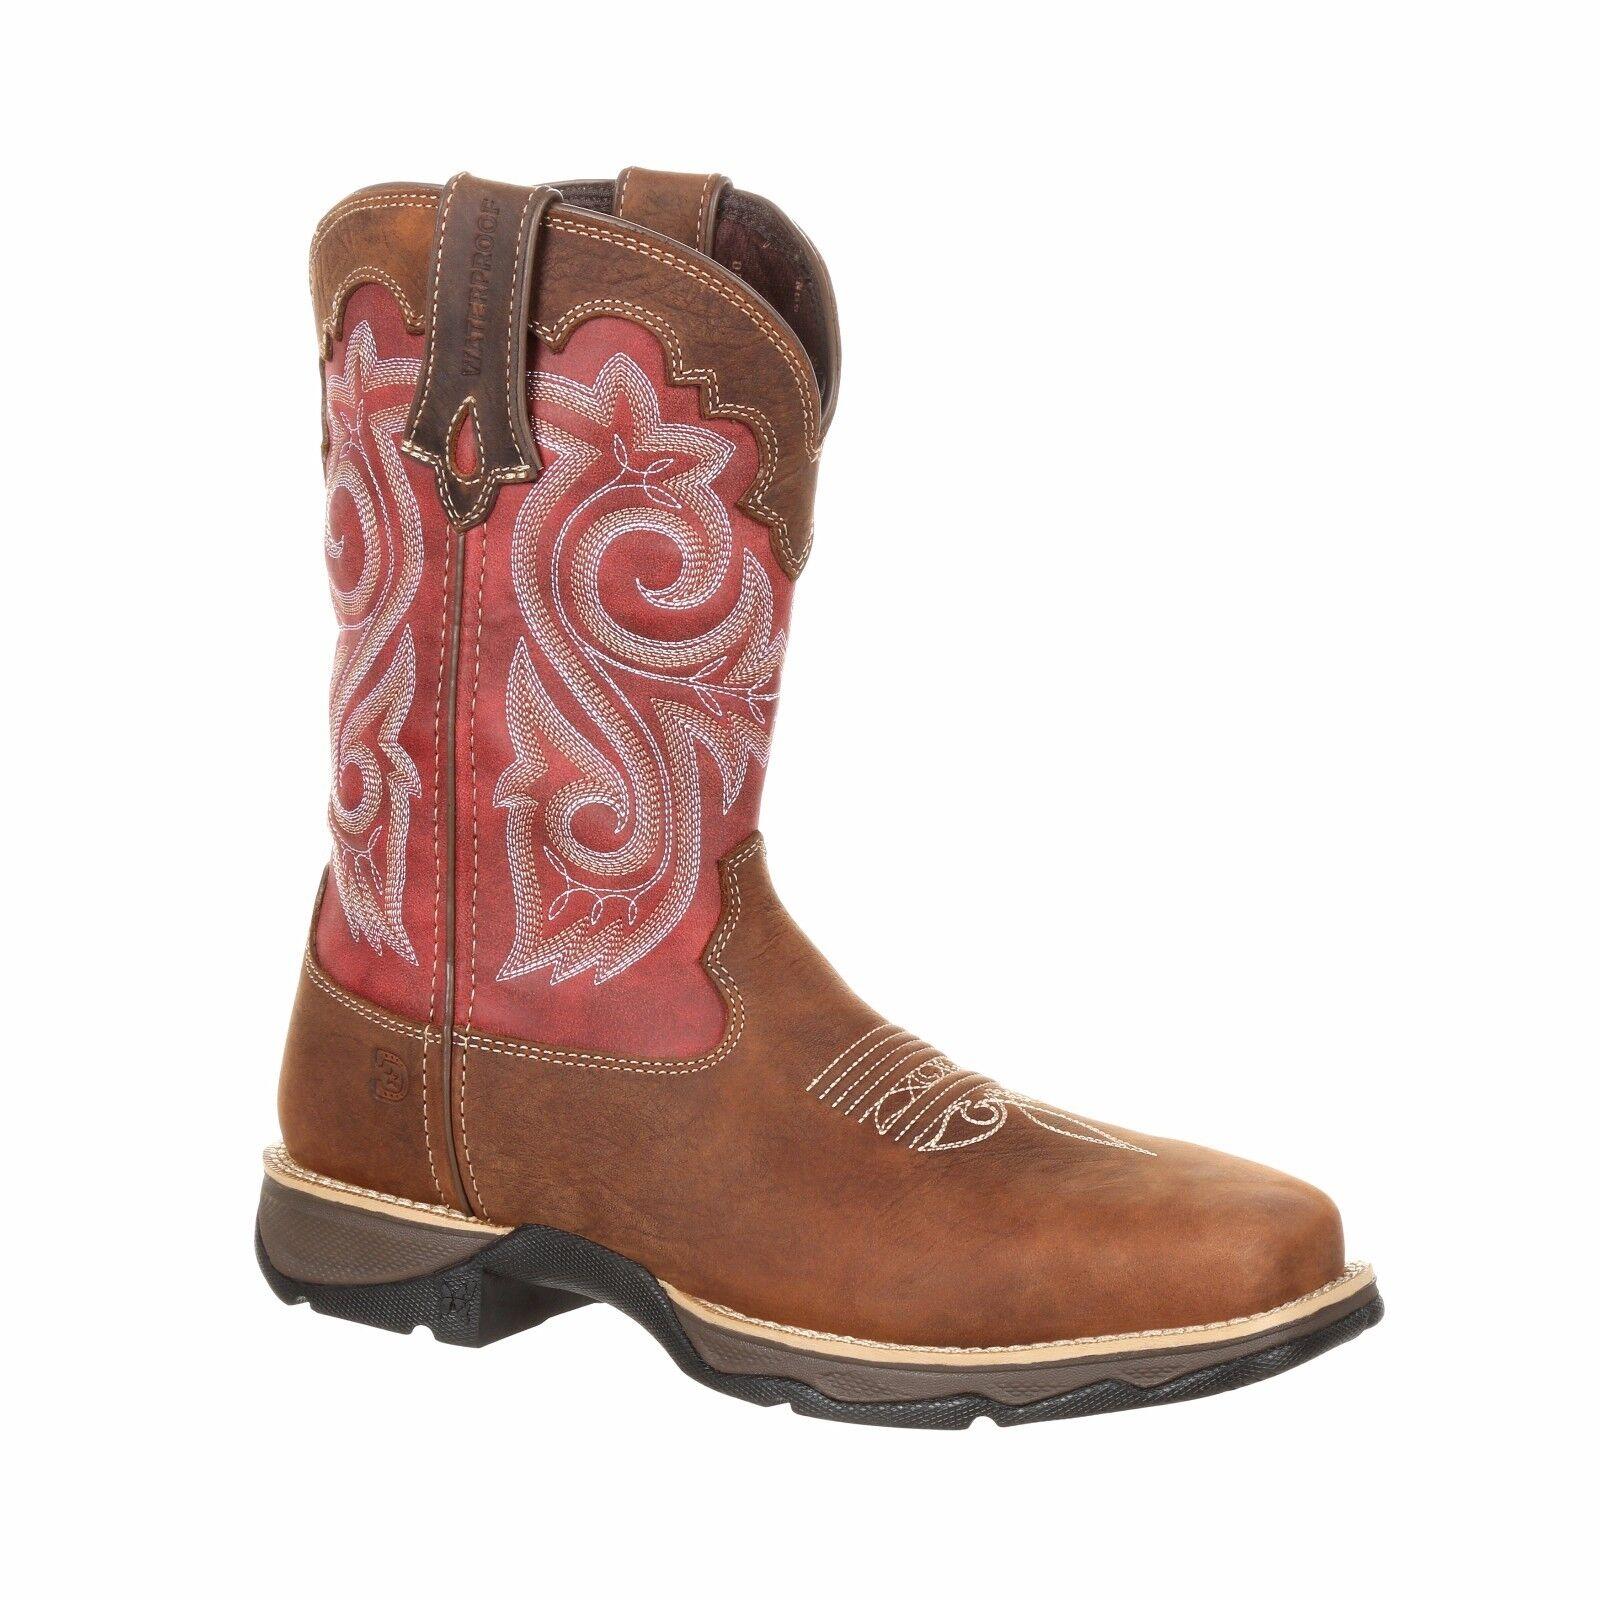 Durango Women's Rebel Waterproof Composite Toe Western Work Boots - DRD0220